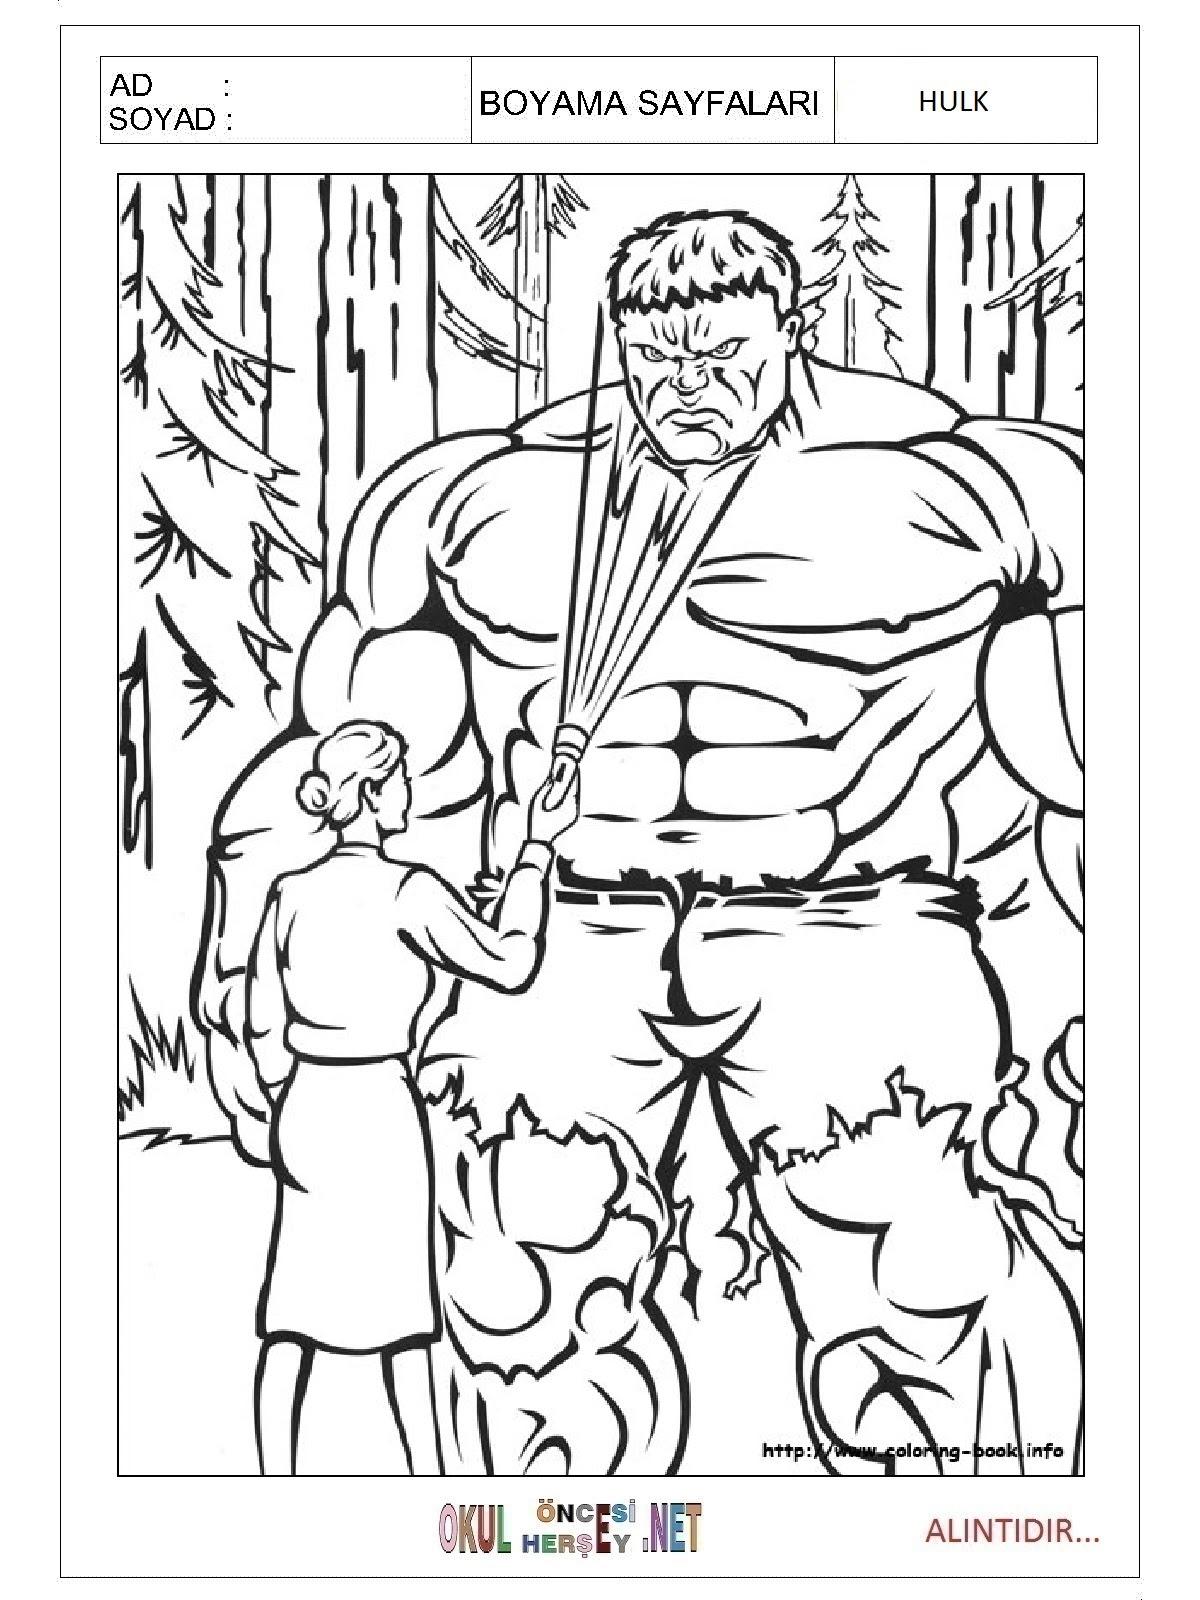 Hulk Boyama Sayfaları